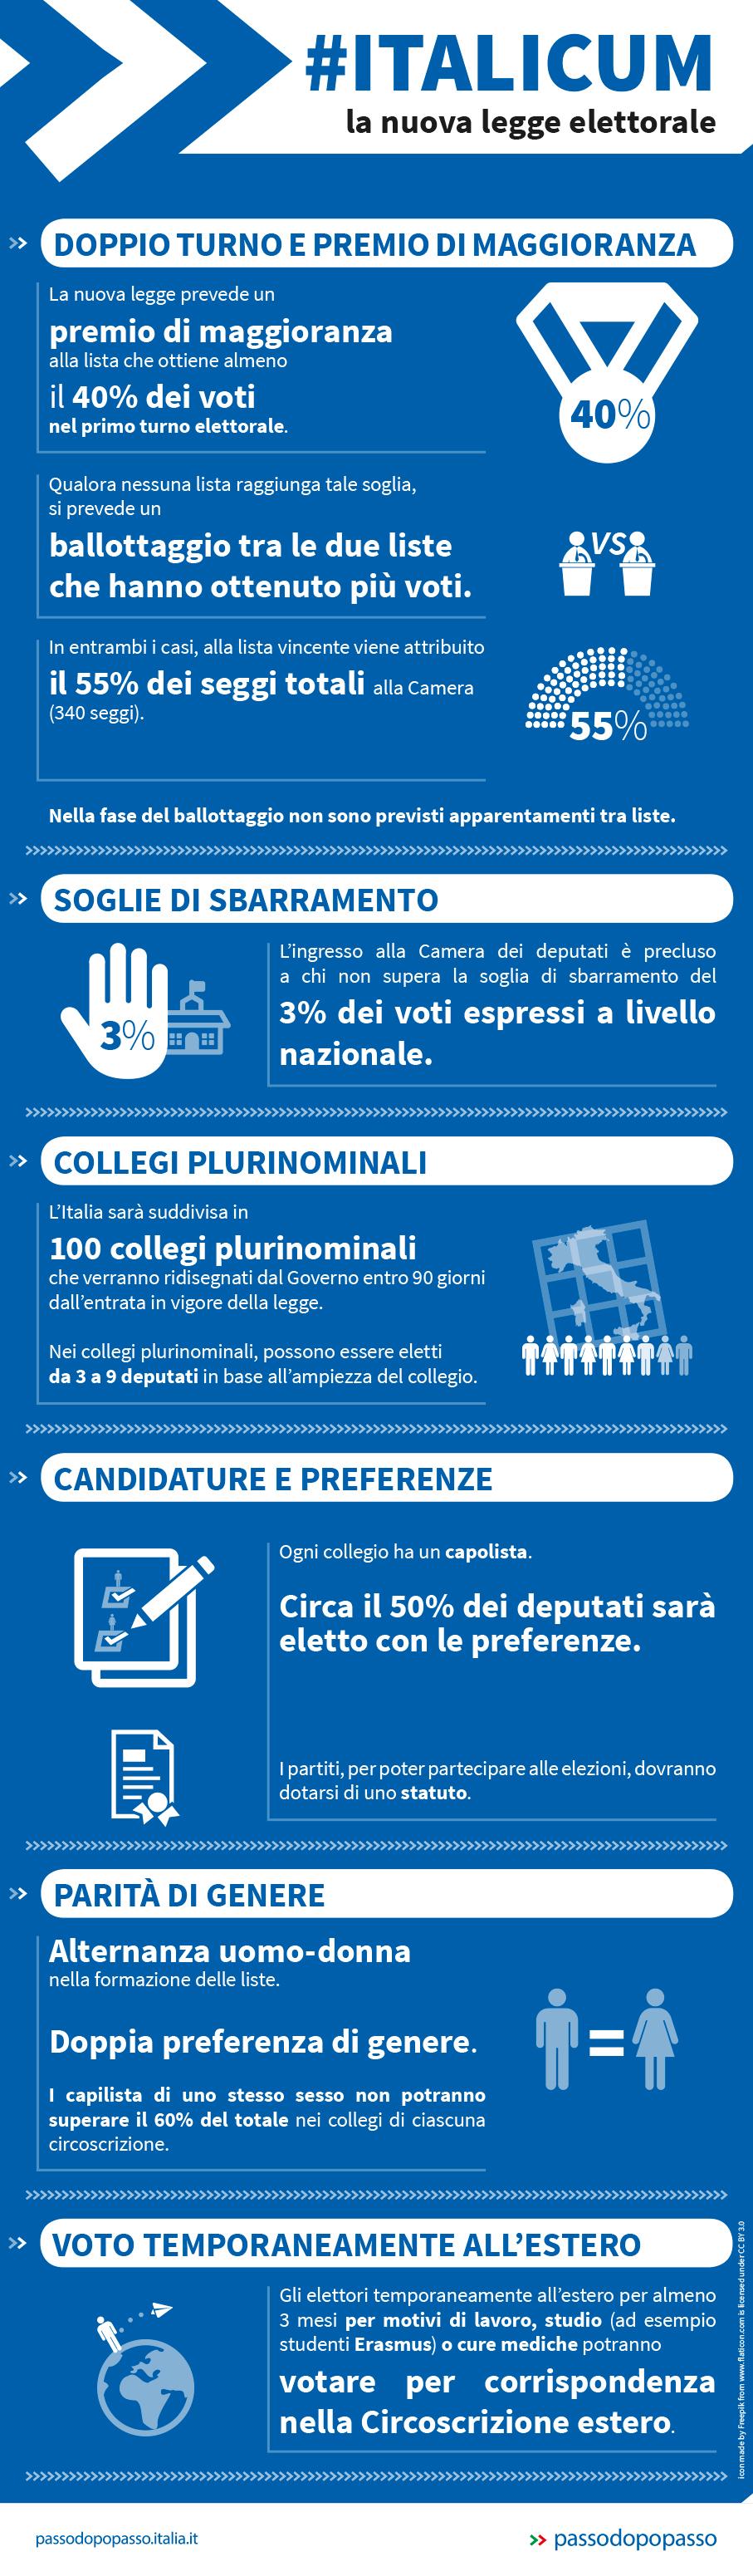 Infografica: L'Italicum è legge